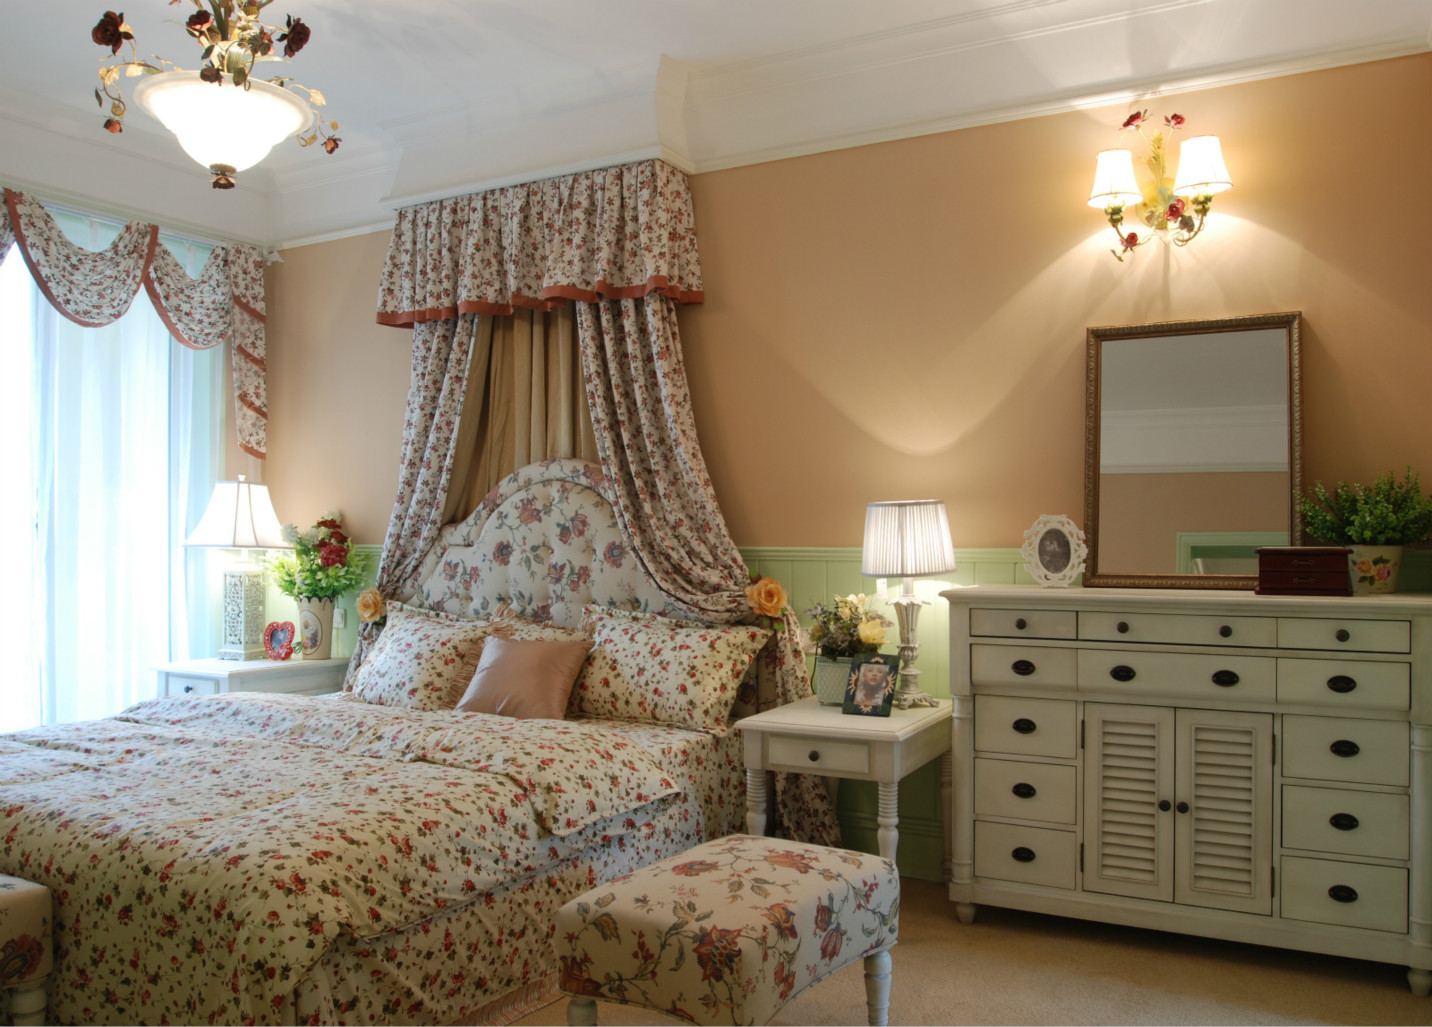 这间卧室布置的很森林系了,有一种身居田园的感觉。